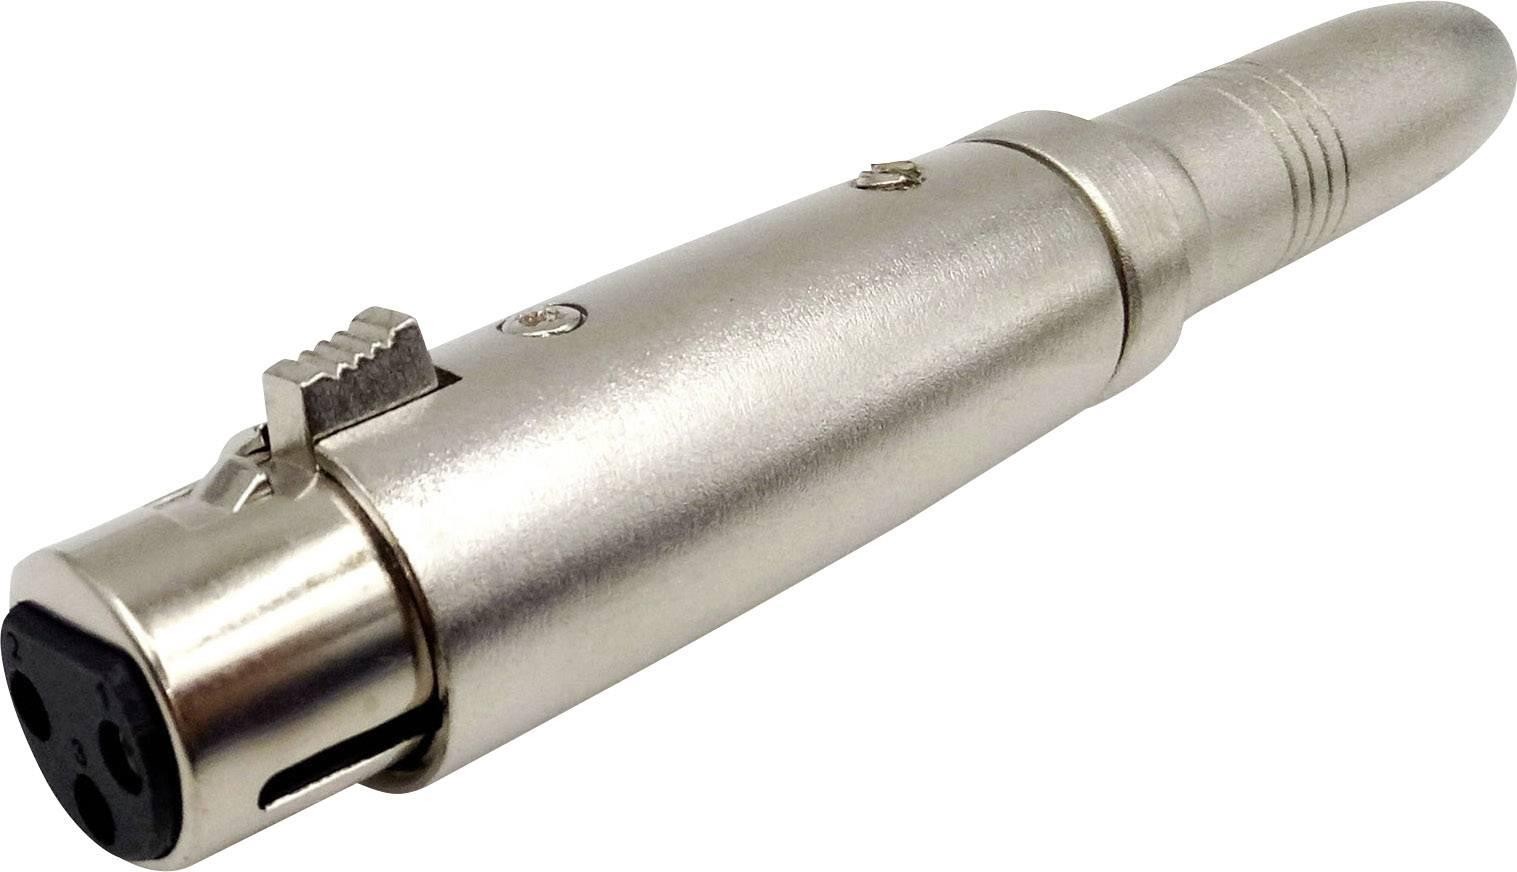 XLR adaptér XLR zásuvka - jack zásuvka 6,35 mm Conrad Components 1409078, stereo, pólů 3, 1 ks